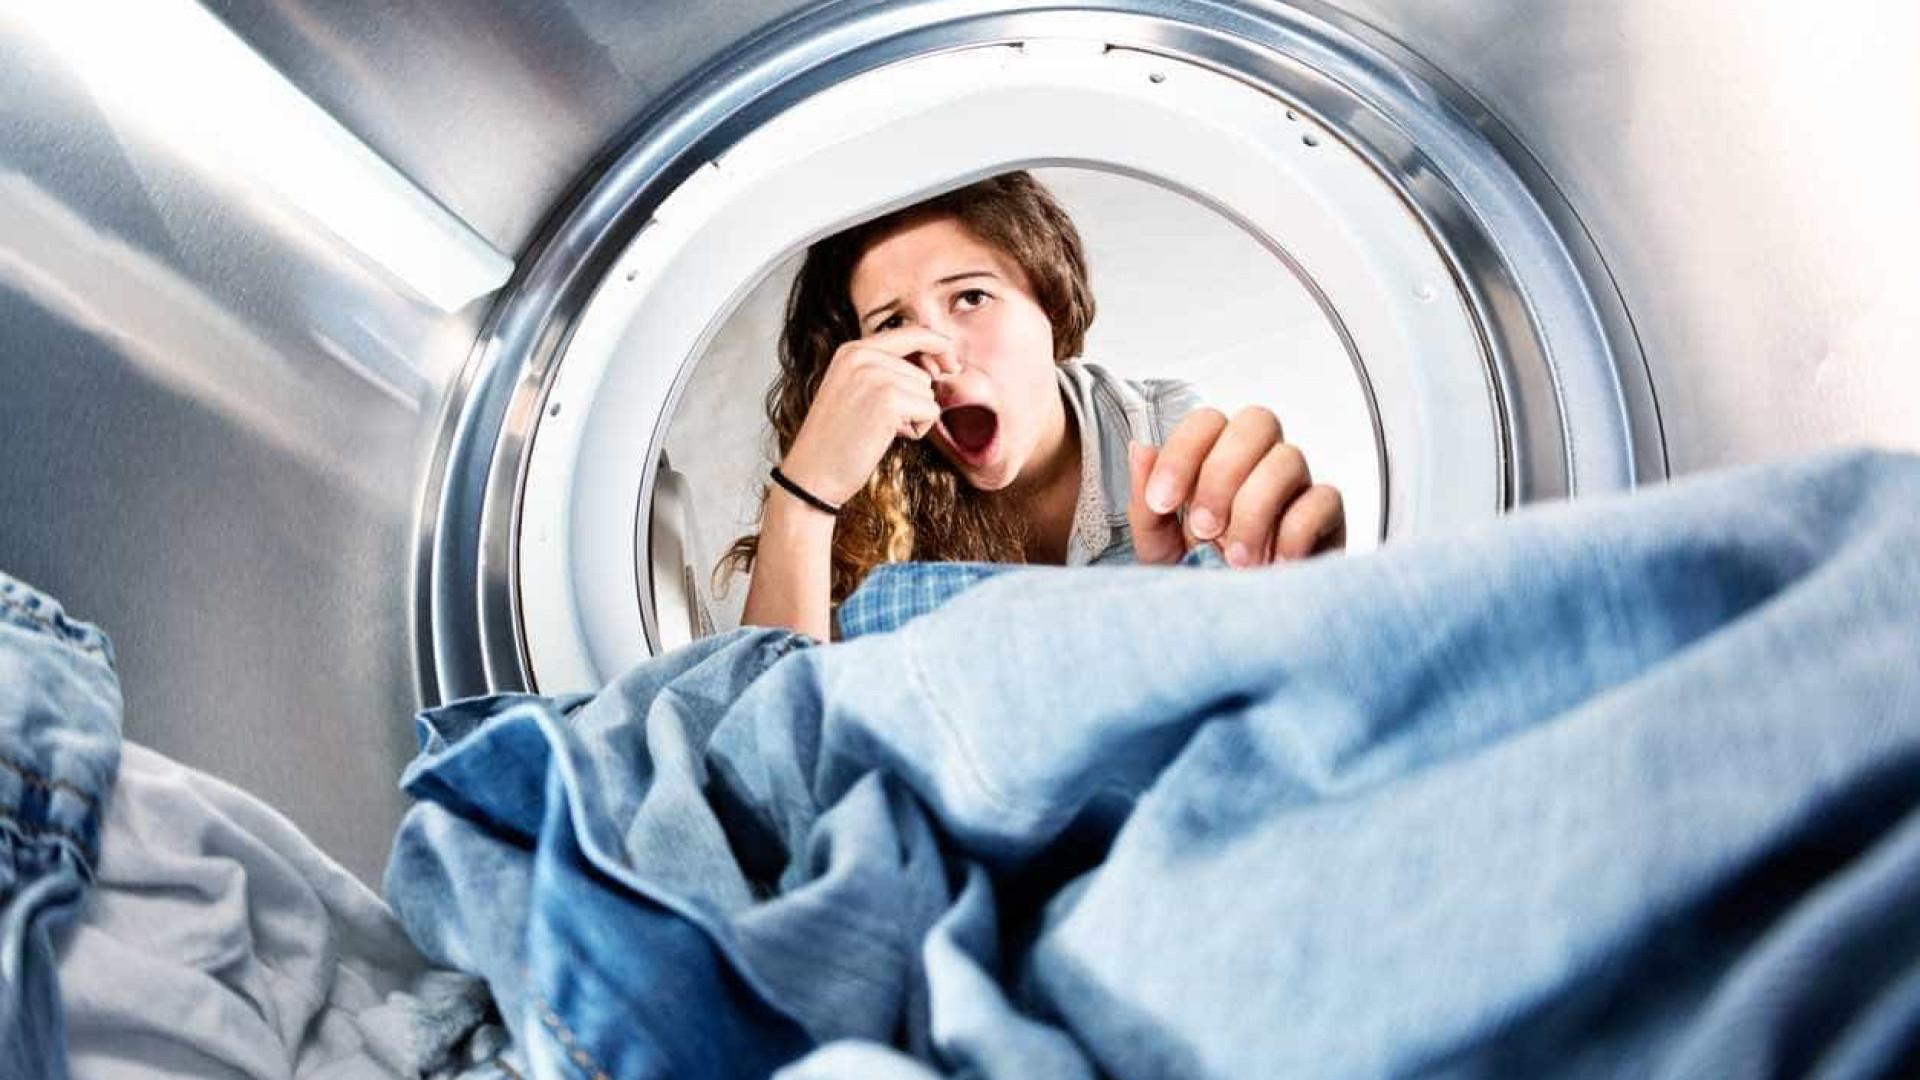 O eletrodoméstico avariou? A culpa pode ser sua